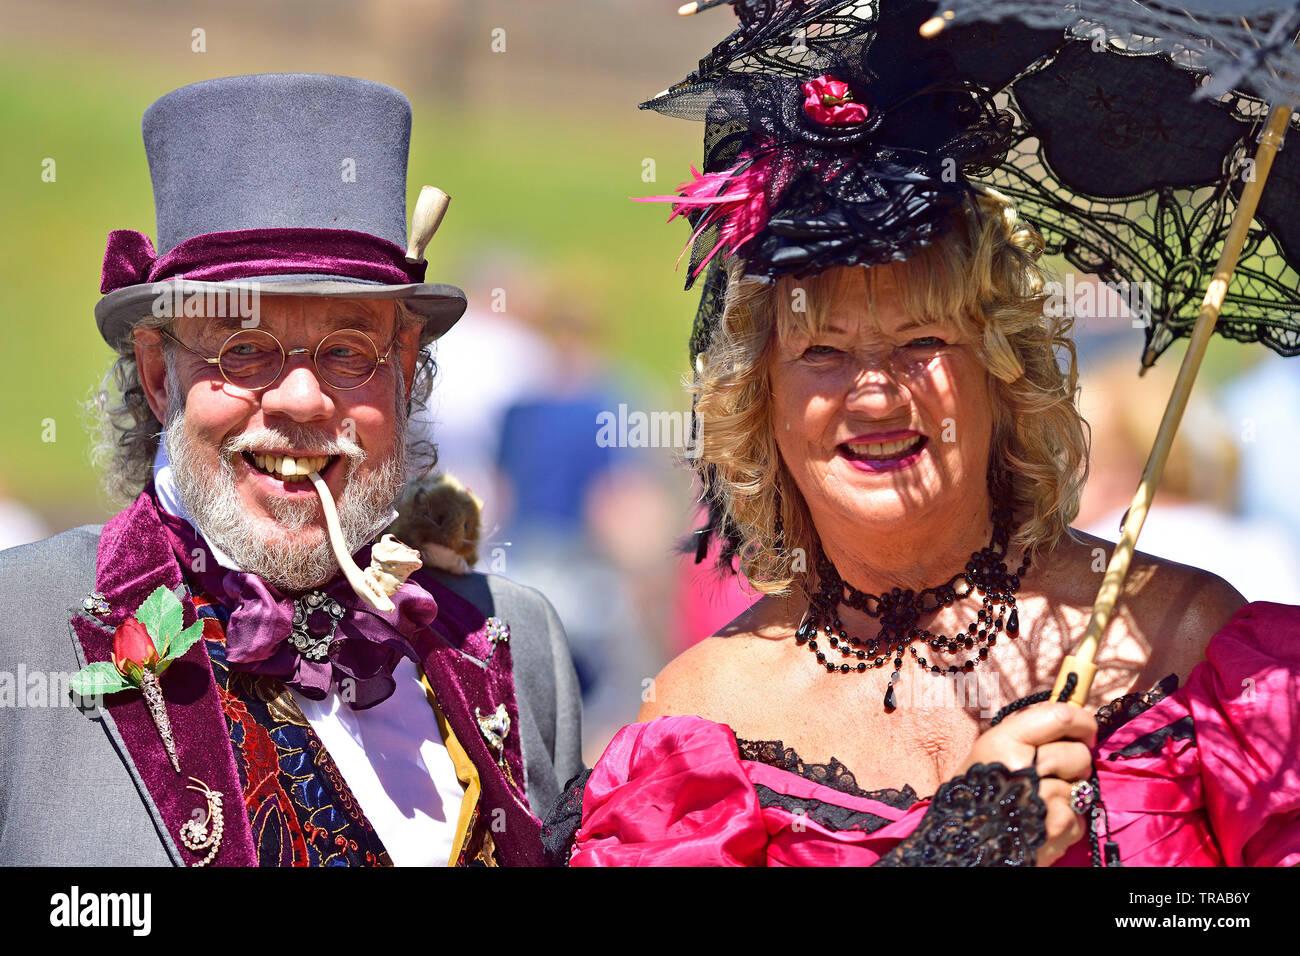 Rochester, Kent, UK. 1er juin 2019. Le premier jour de l'été Festival annuel Rochester Dickens. Deux festivals ont lieu chaque année en été et près de Noël, dans la ville avec de nombreuses connexions de Charles Dickens. Credit: PjrFoto/Alamy Live News Photo Stock